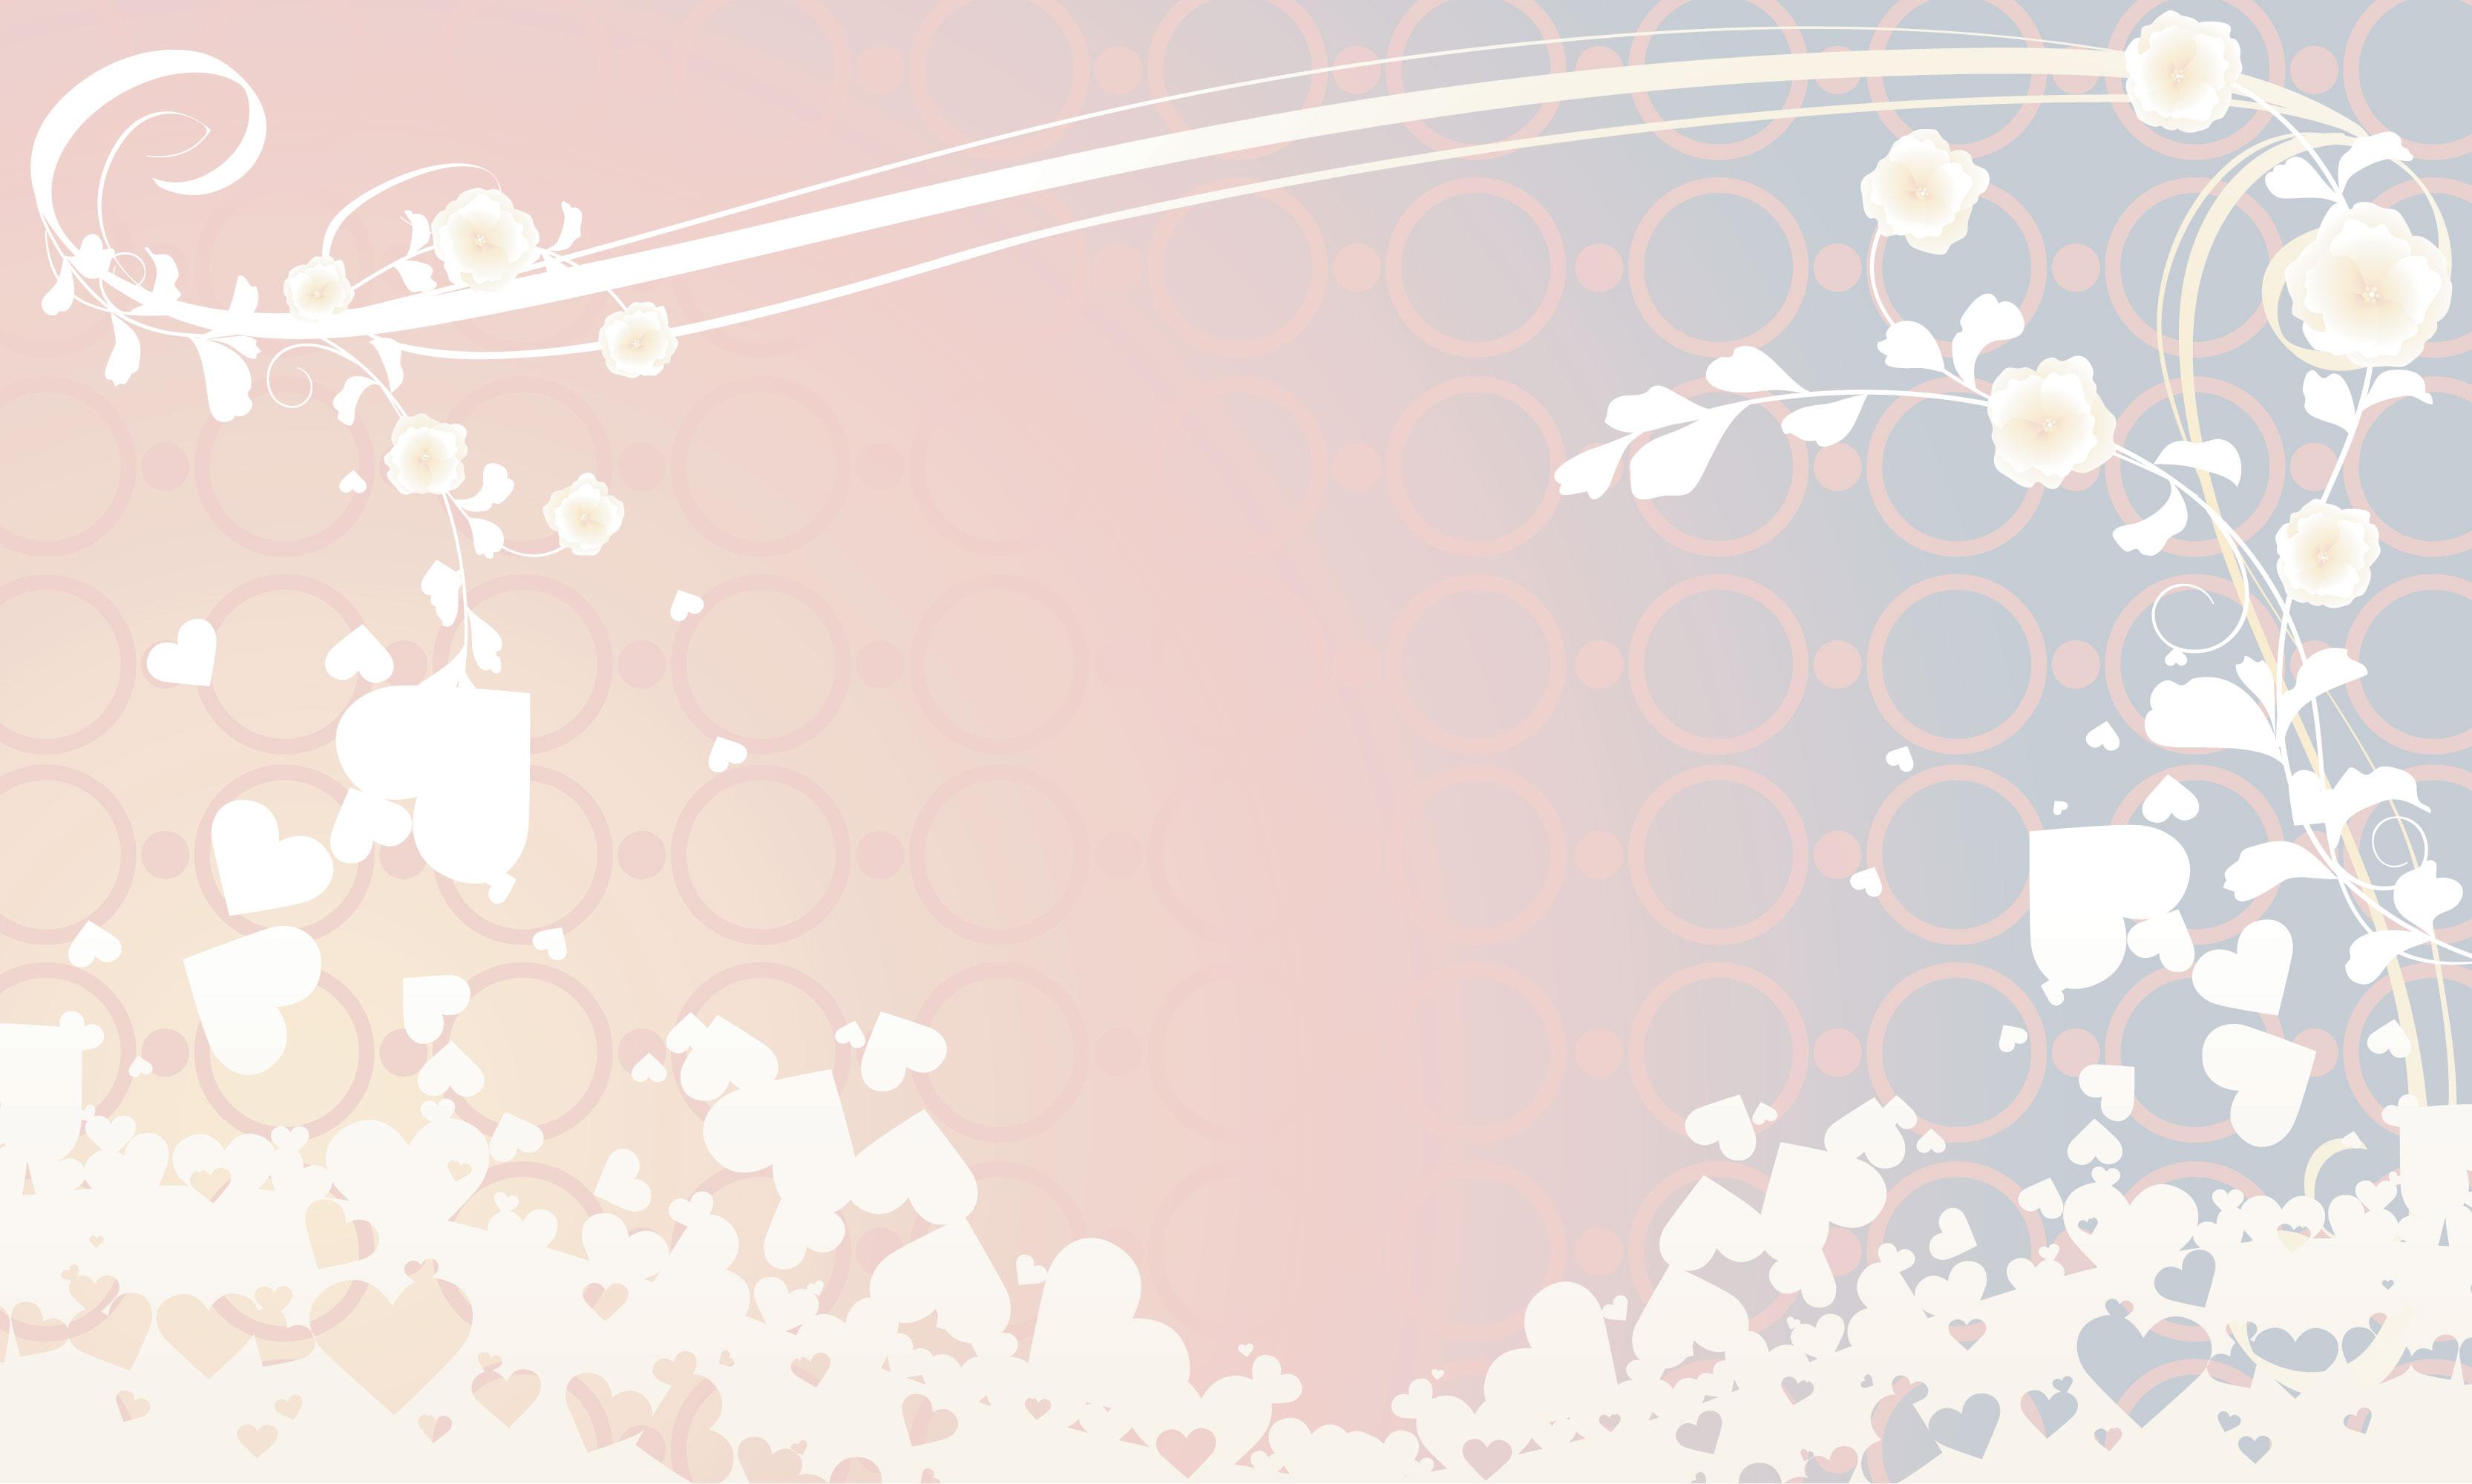 花のイラスト・フリー素材/壁紙・背景no.059『淡い色彩・ハート』